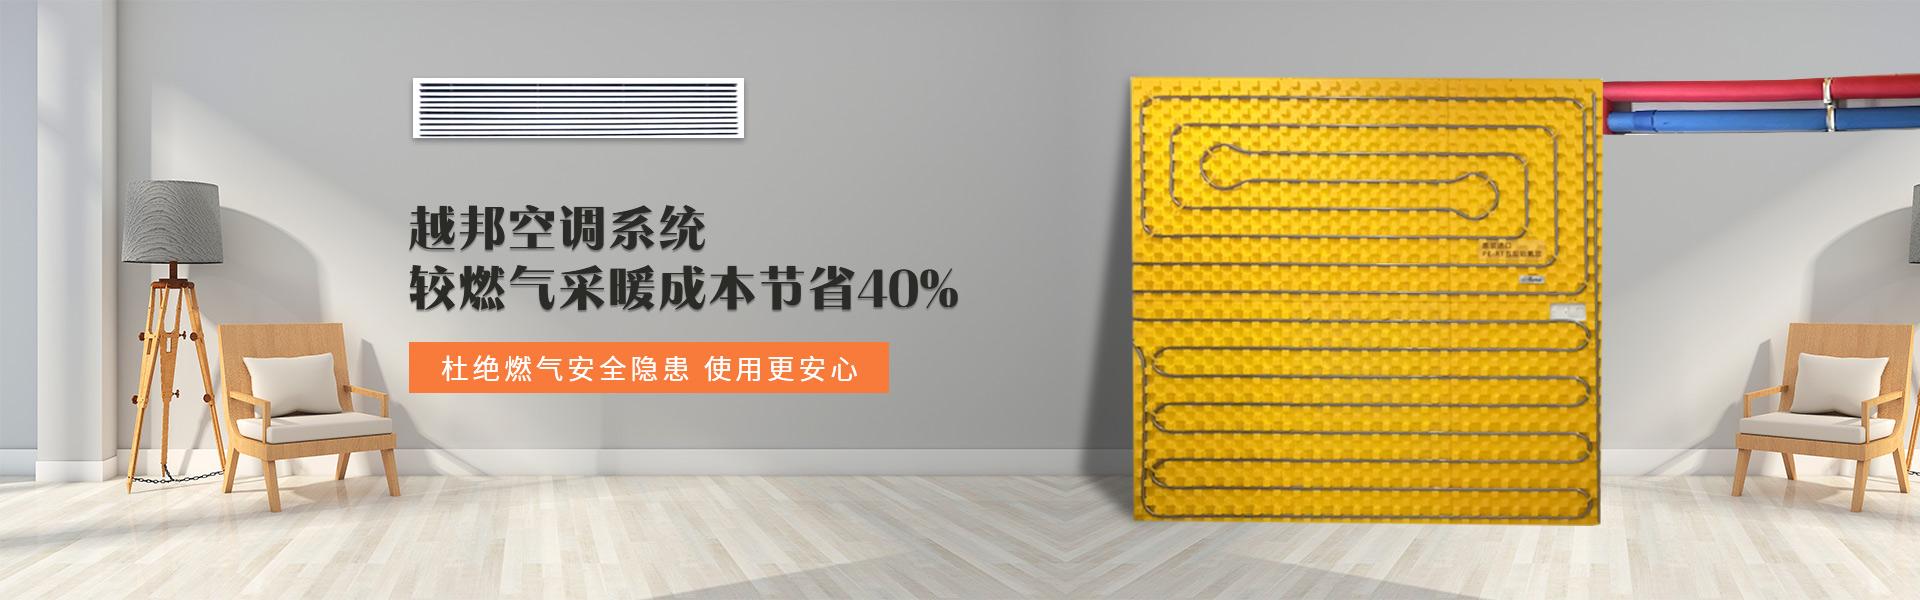 越邦机电-越邦空调系统,较燃气采暖成本节省40%